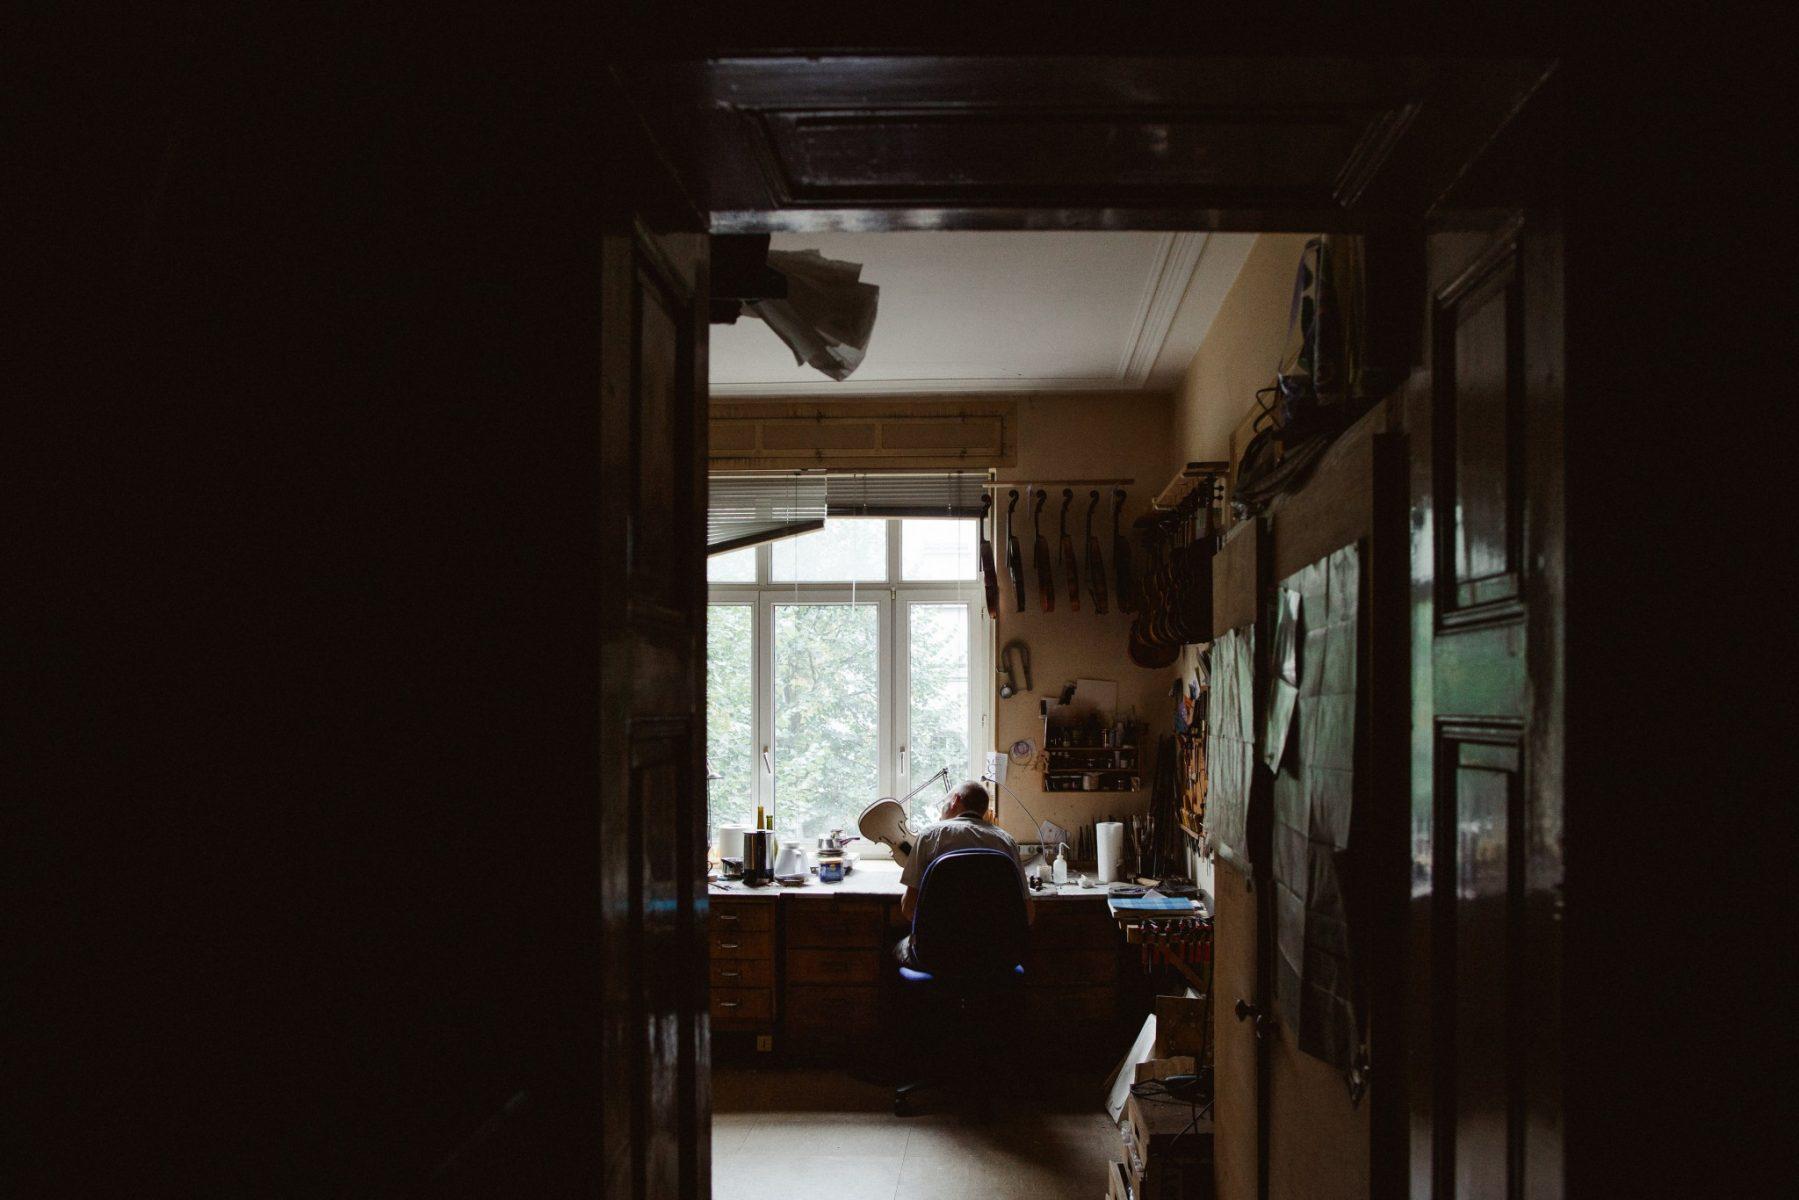 Homme devant la fenêtre réparant violon